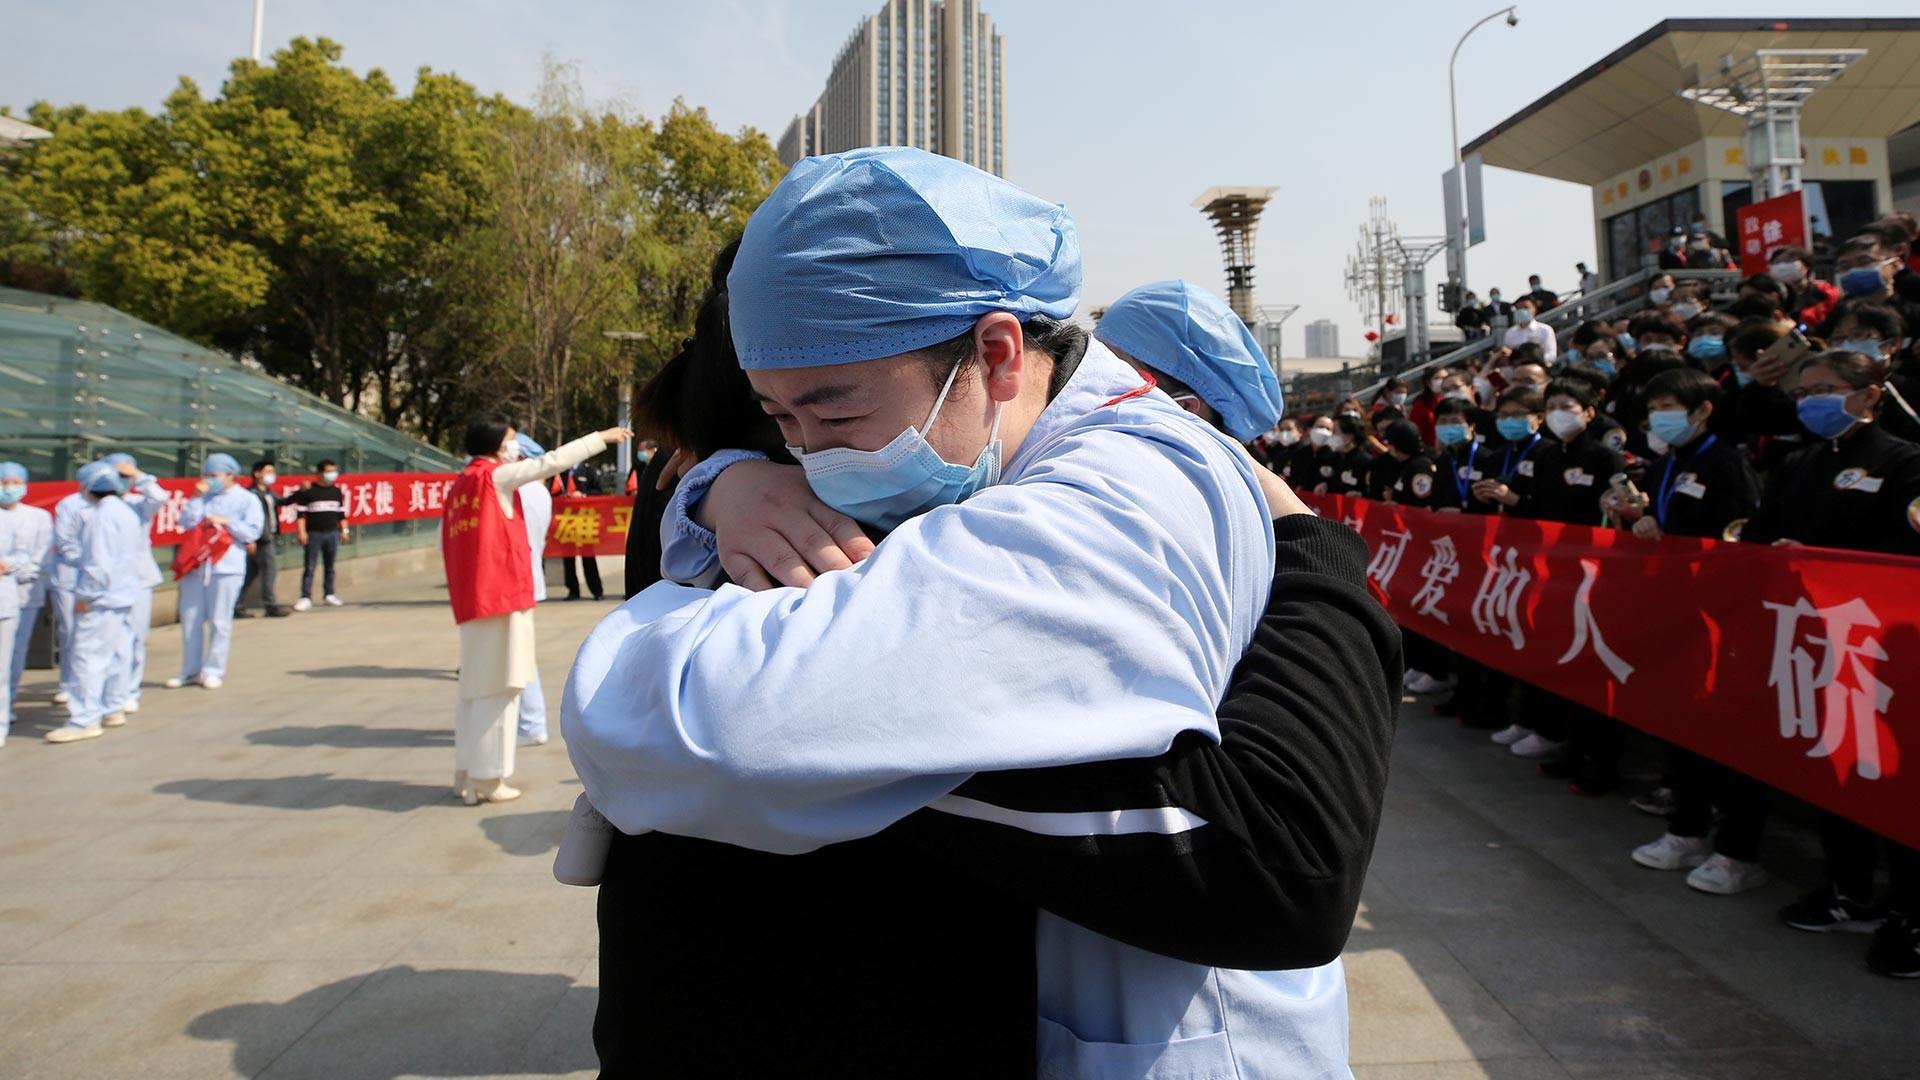 Локални медицински радник испраћа медицинског радника из покрајине Ђангсу, железничка станица Вухан.